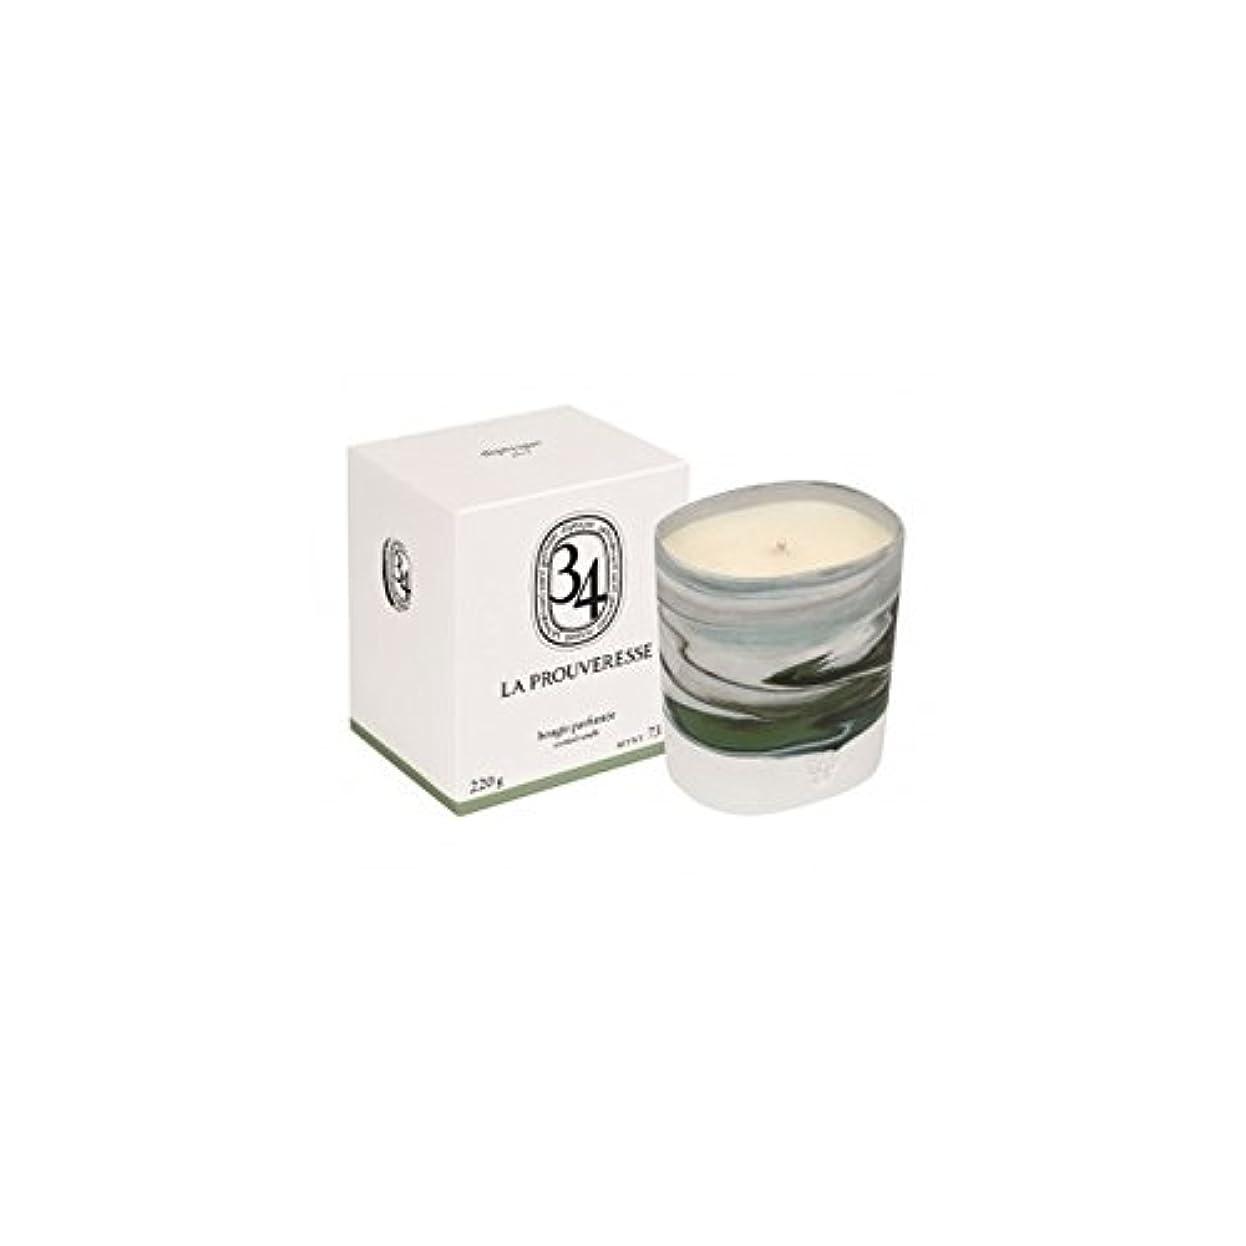 モスクバケツ汚染するDiptyque Collection 34 La Prouveresse Scented Candle 220g (Pack of 2) - ラProuveresse Diptyqueコレクション34香りのキャンドル220...